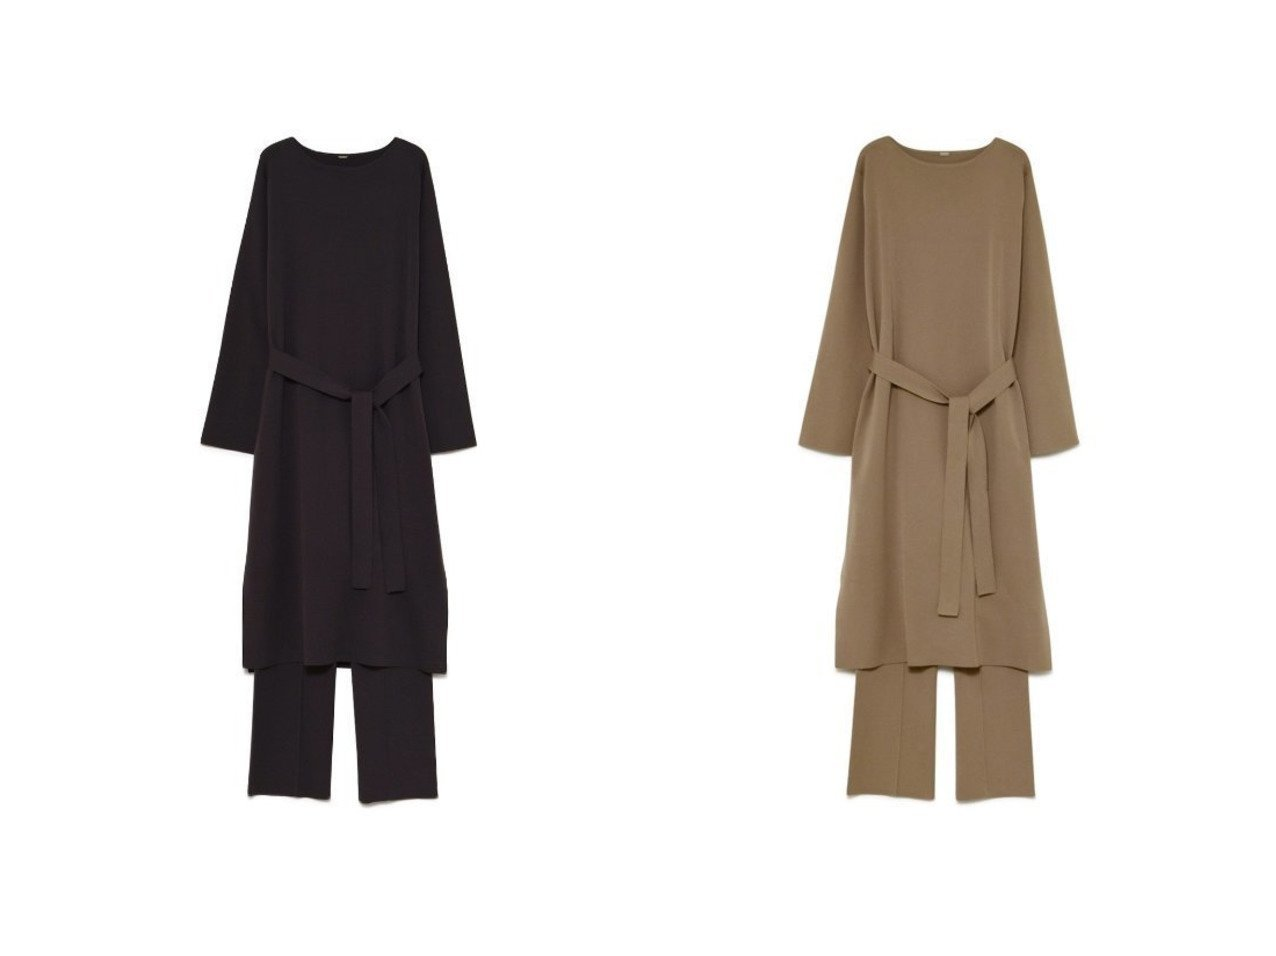 【Mila Owen/ミラオーウェン】のニットセットアップ ワンピース・ドレスのおすすめ!人気、レディースファッションの通販 おすすめで人気のファッション通販商品 インテリア・家具・キッズファッション・メンズファッション・レディースファッション・服の通販 founy(ファニー) https://founy.com/ ファッション Fashion レディース WOMEN トップス Tops Tshirt ニット Knit Tops セットアップ Setup トップス Tops アクセサリー シューズ スマート セットアップ ワイド |ID:crp329100000001872